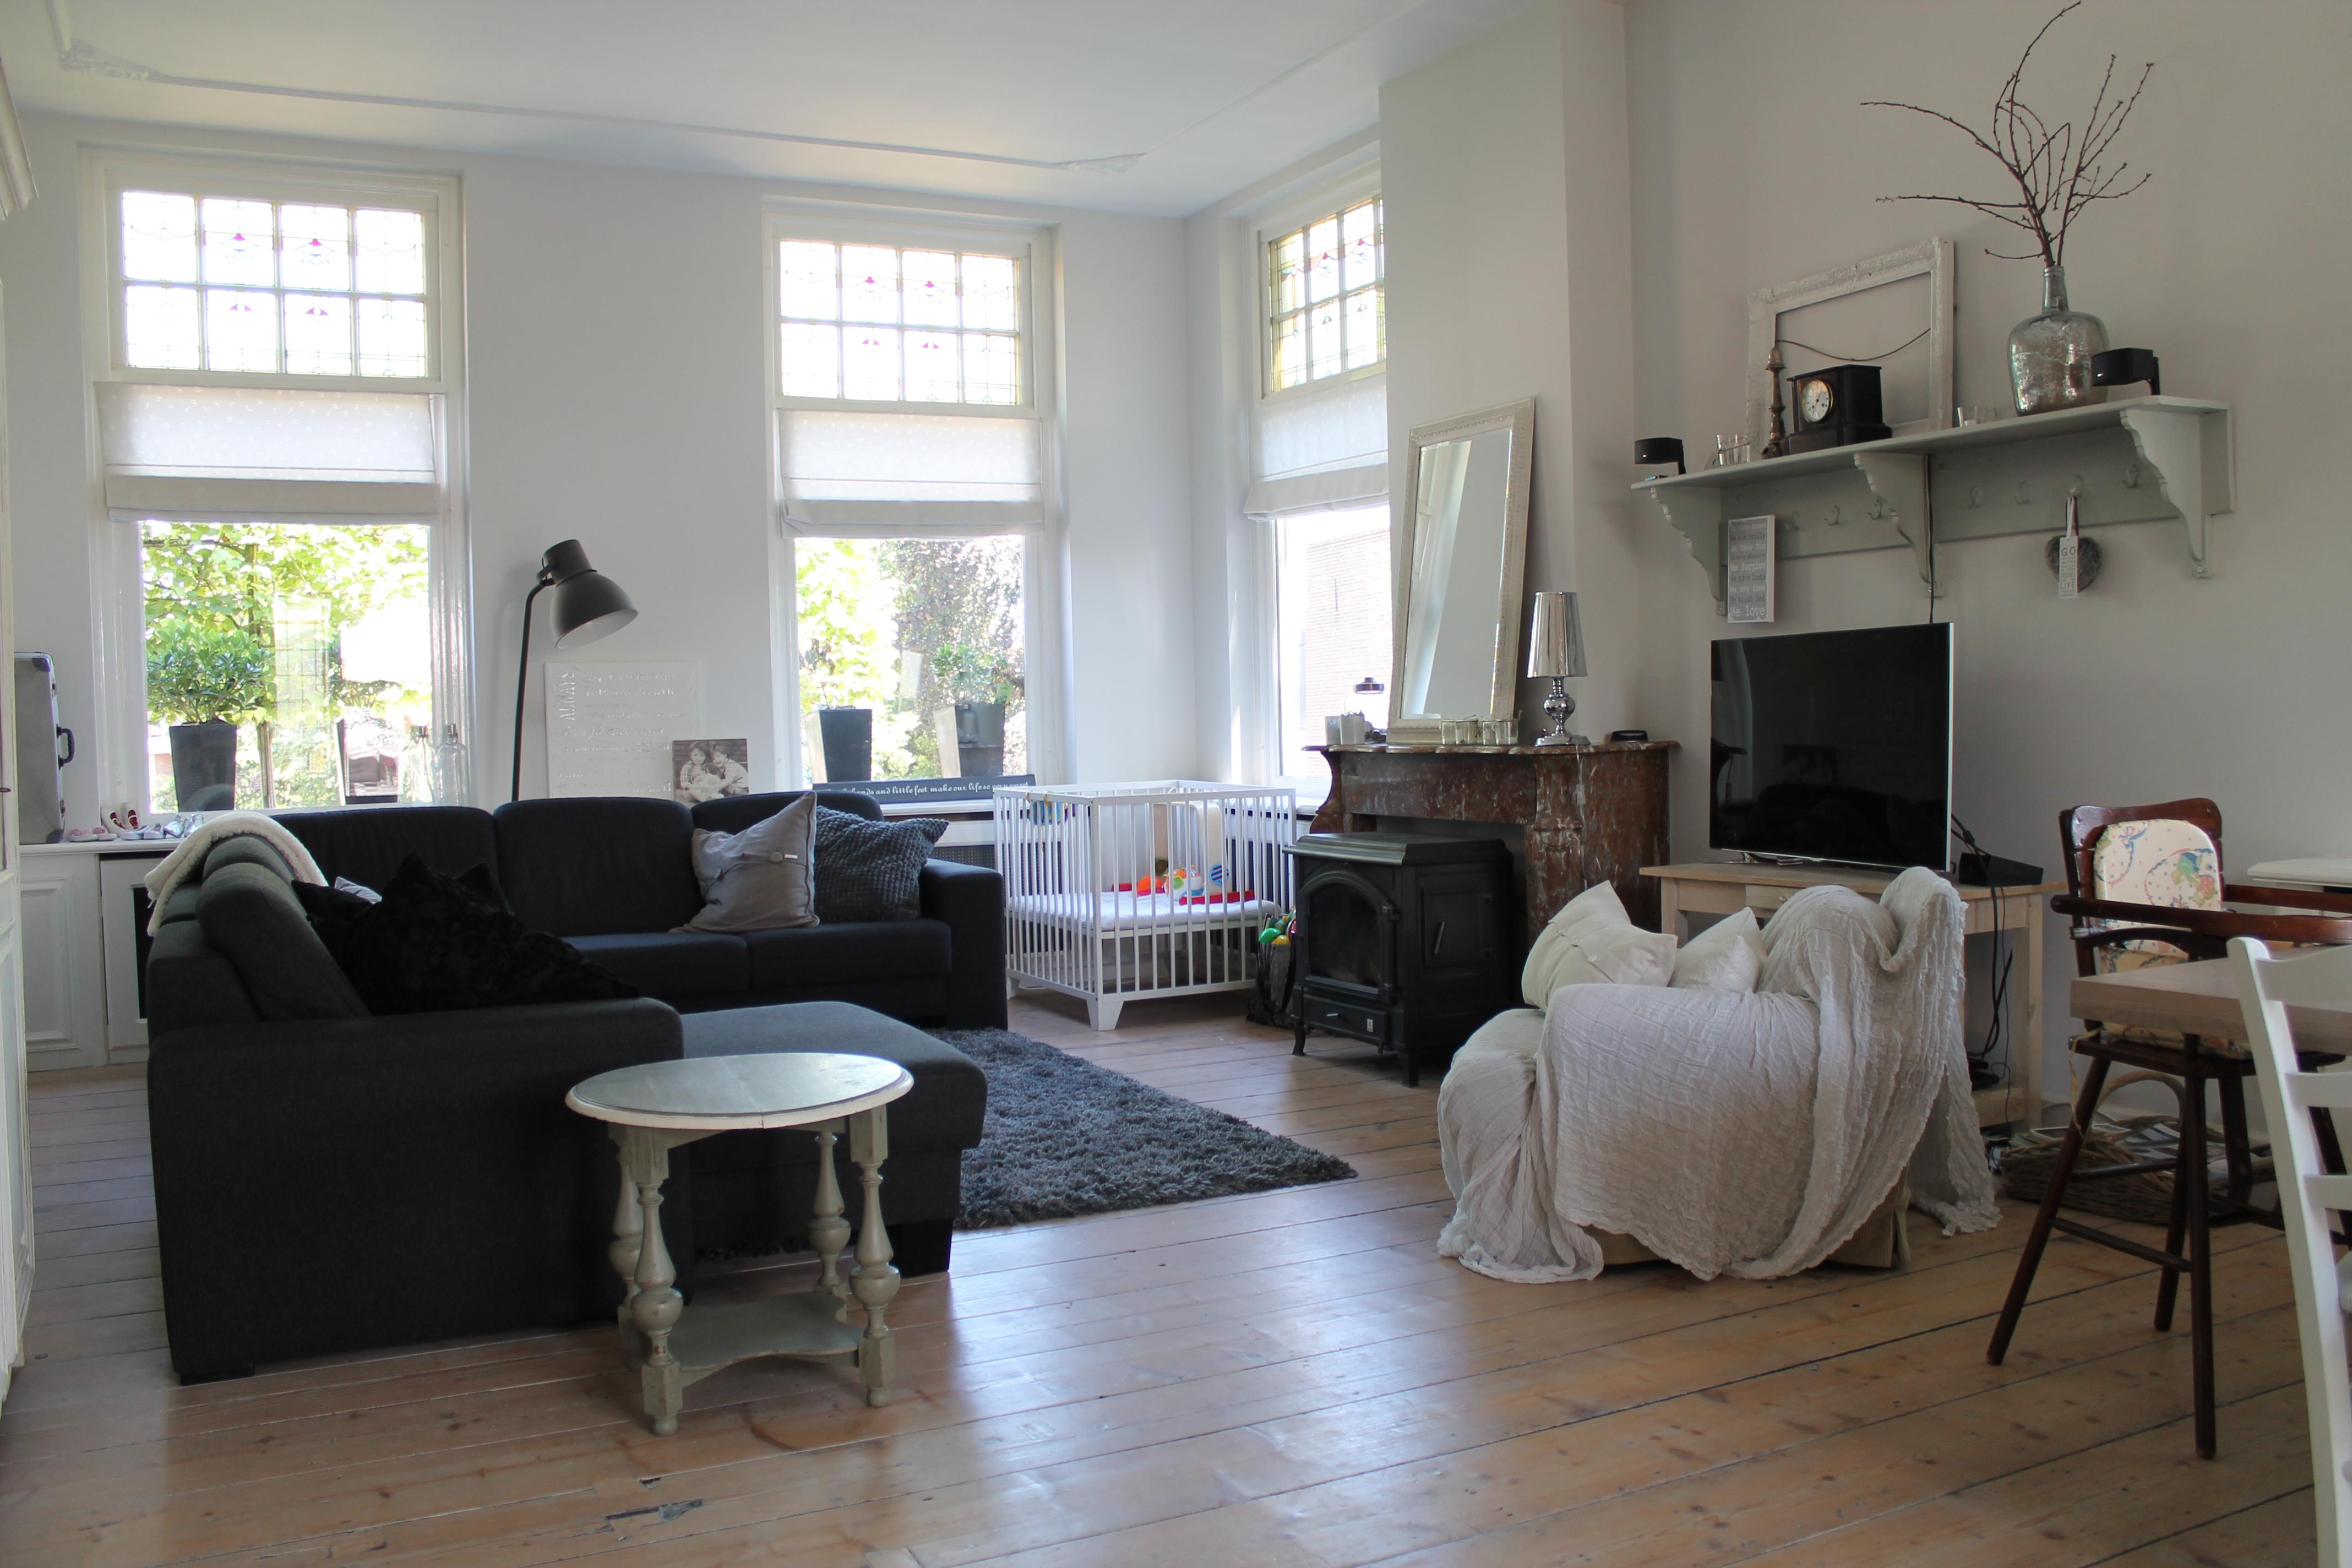 Interieuradvies voor een toch al prachtige woning | Inge Bruins ...